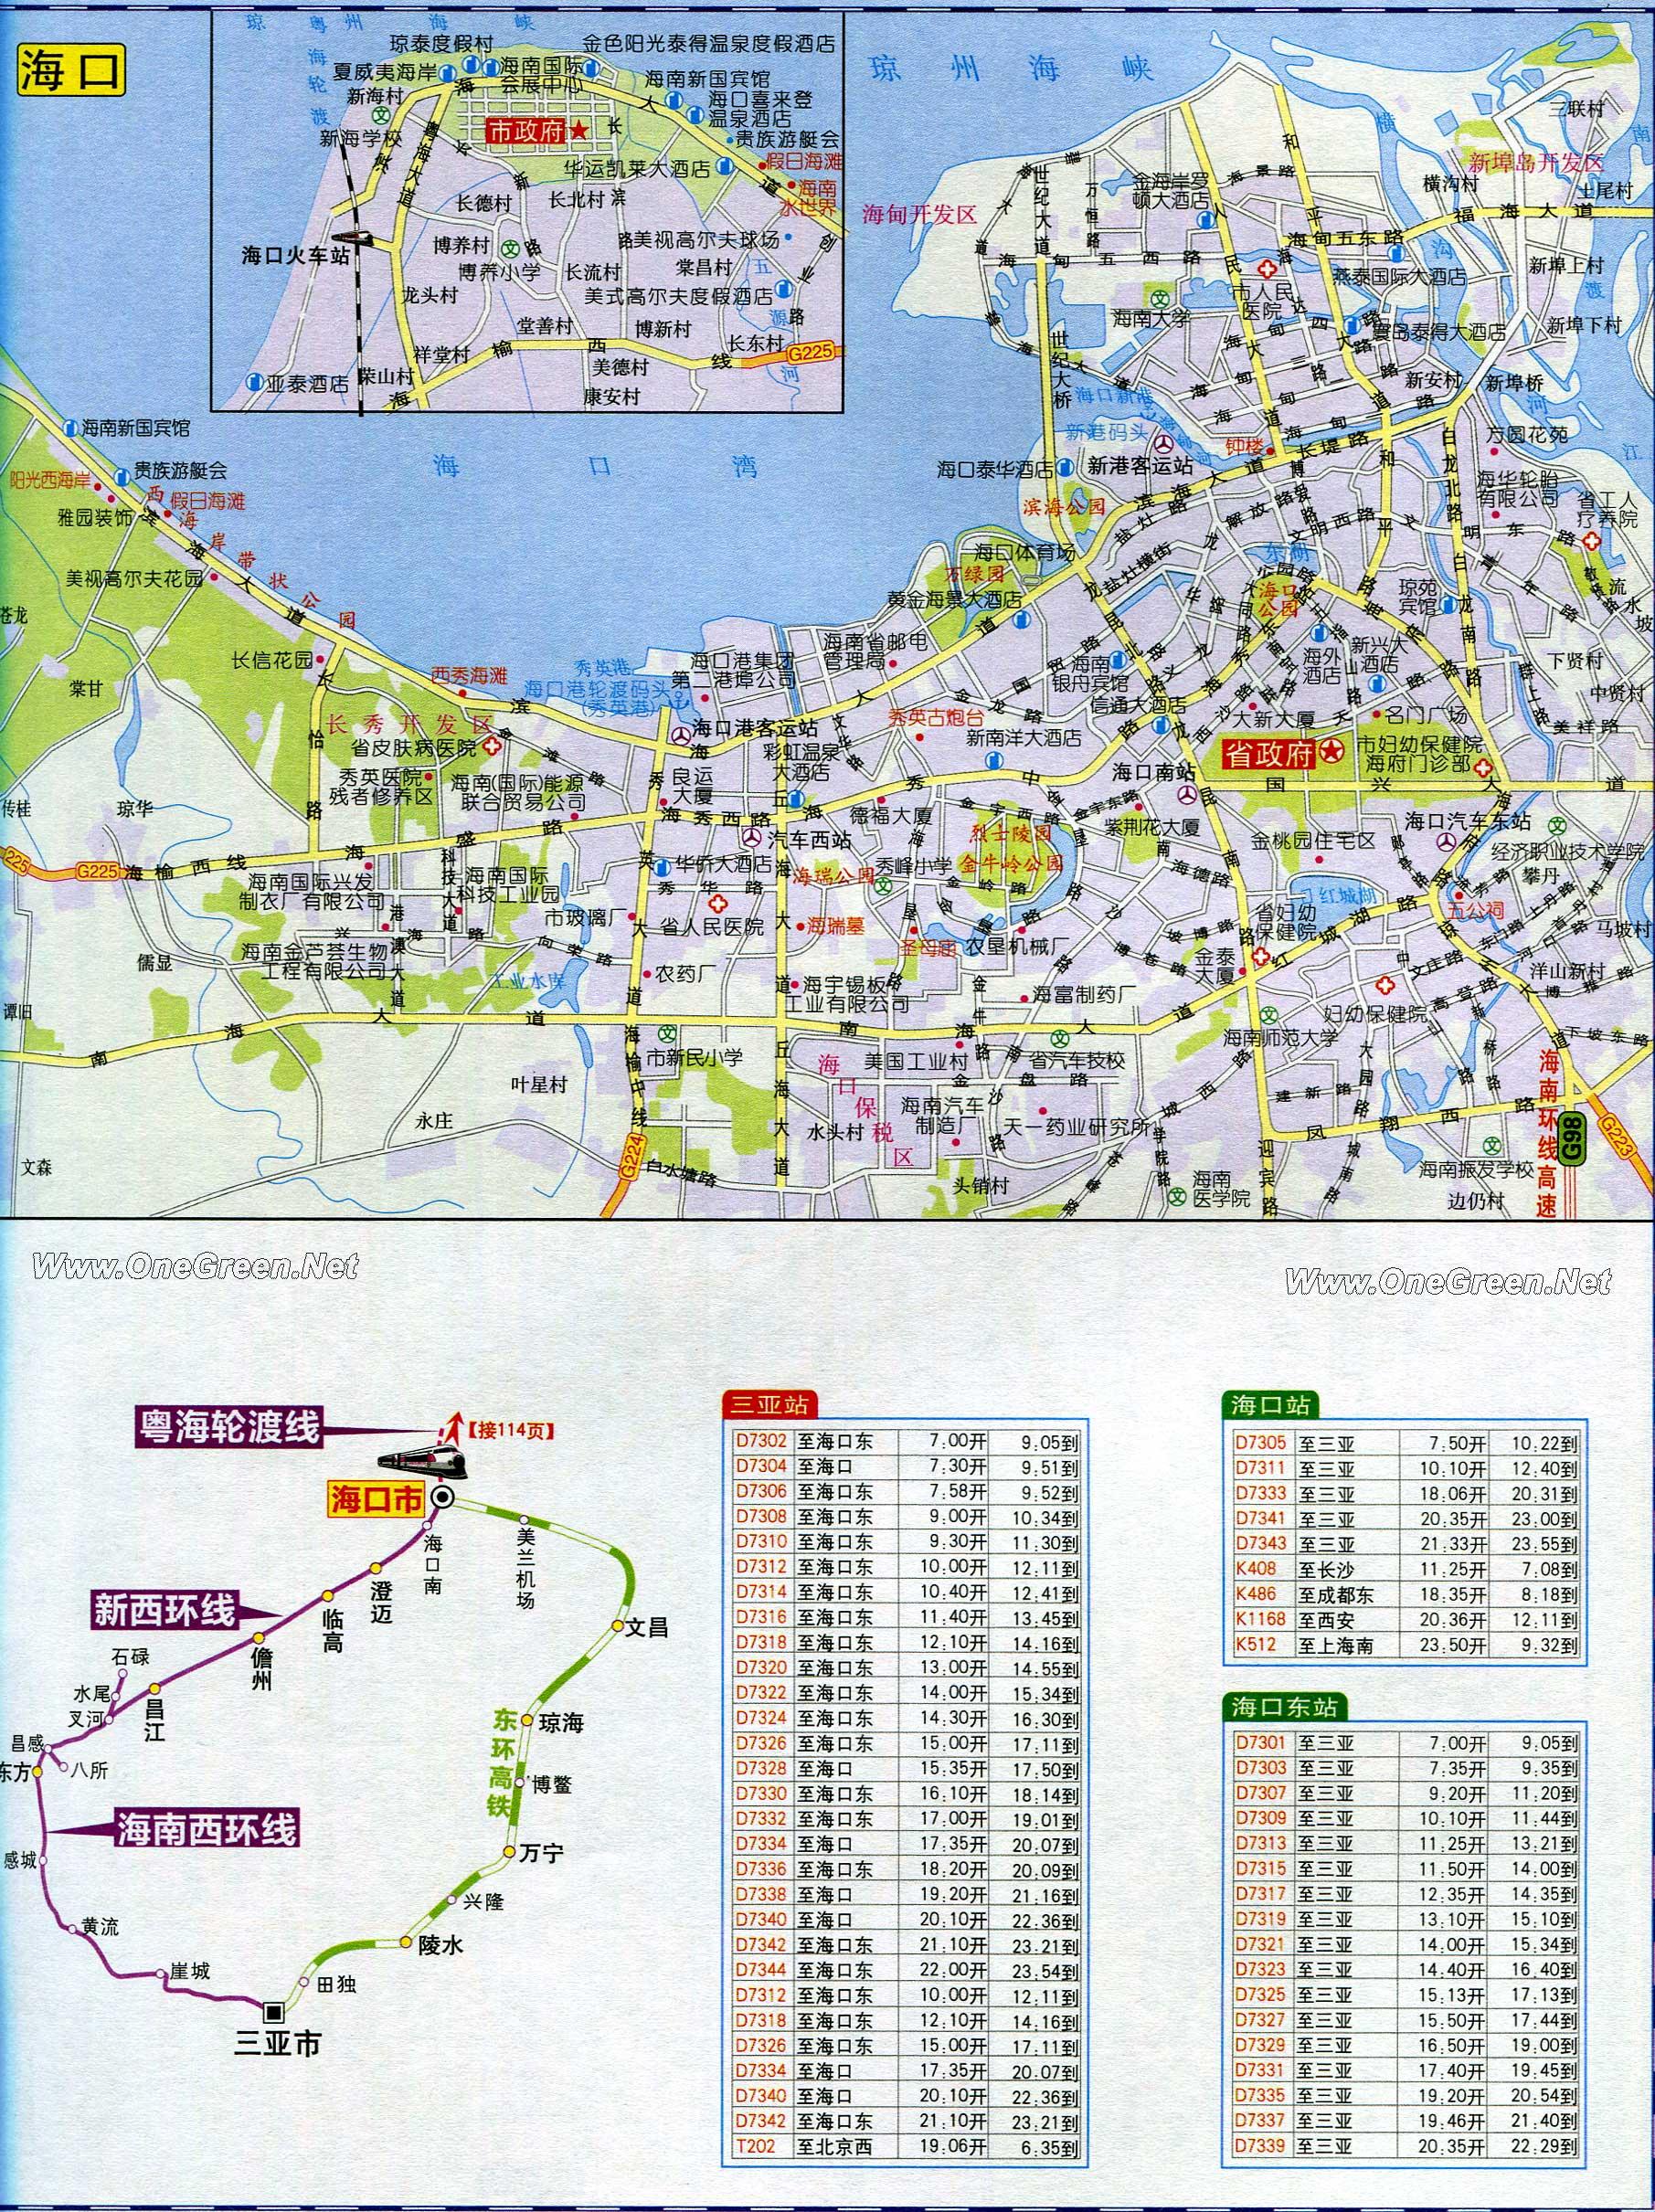 广西铁路交通地图  | 铁路线路图 |  下一张地图: 重庆市铁路交通